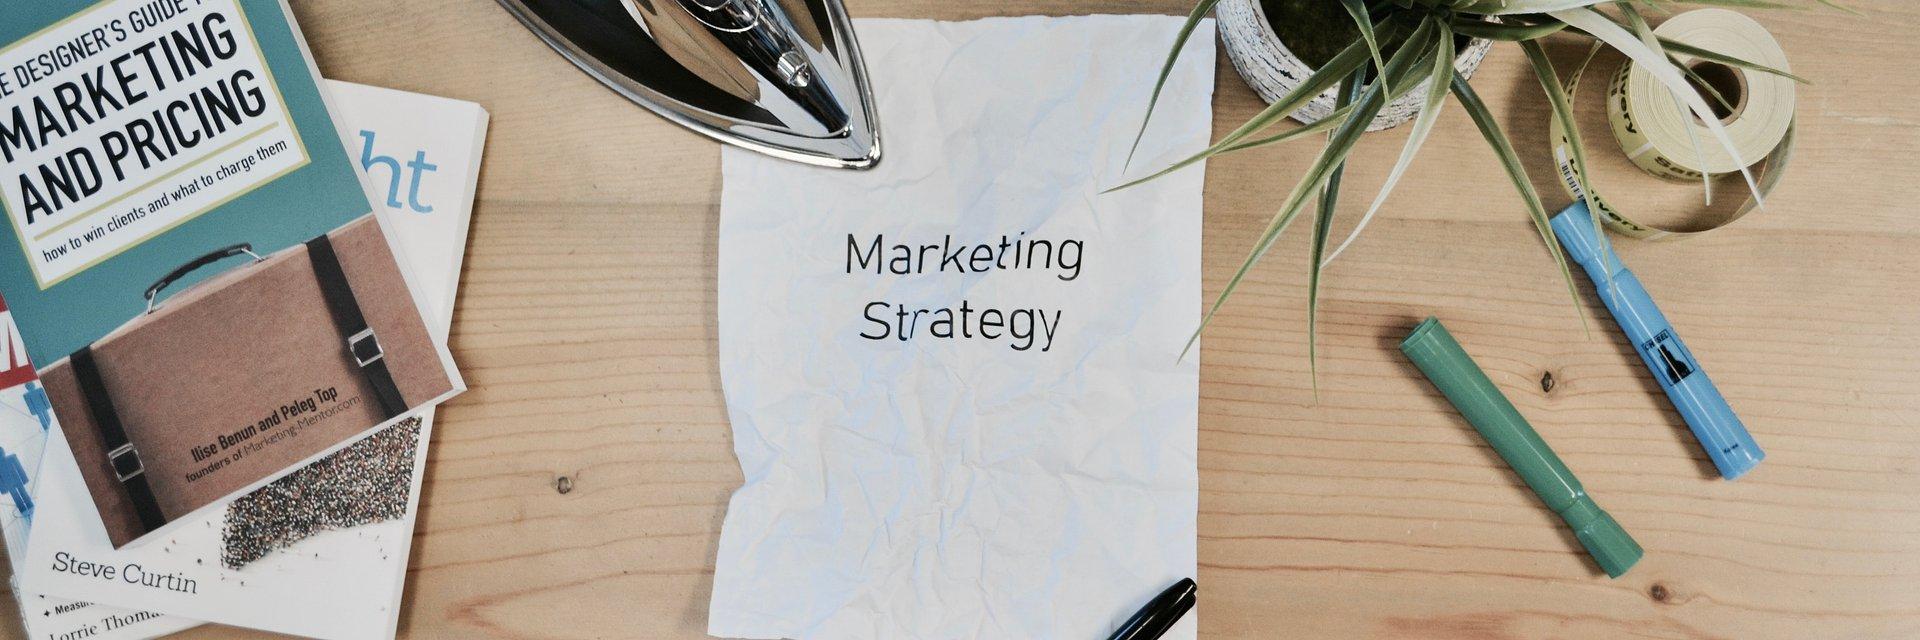 Marketing w #new normal – co dalej, marketingu?